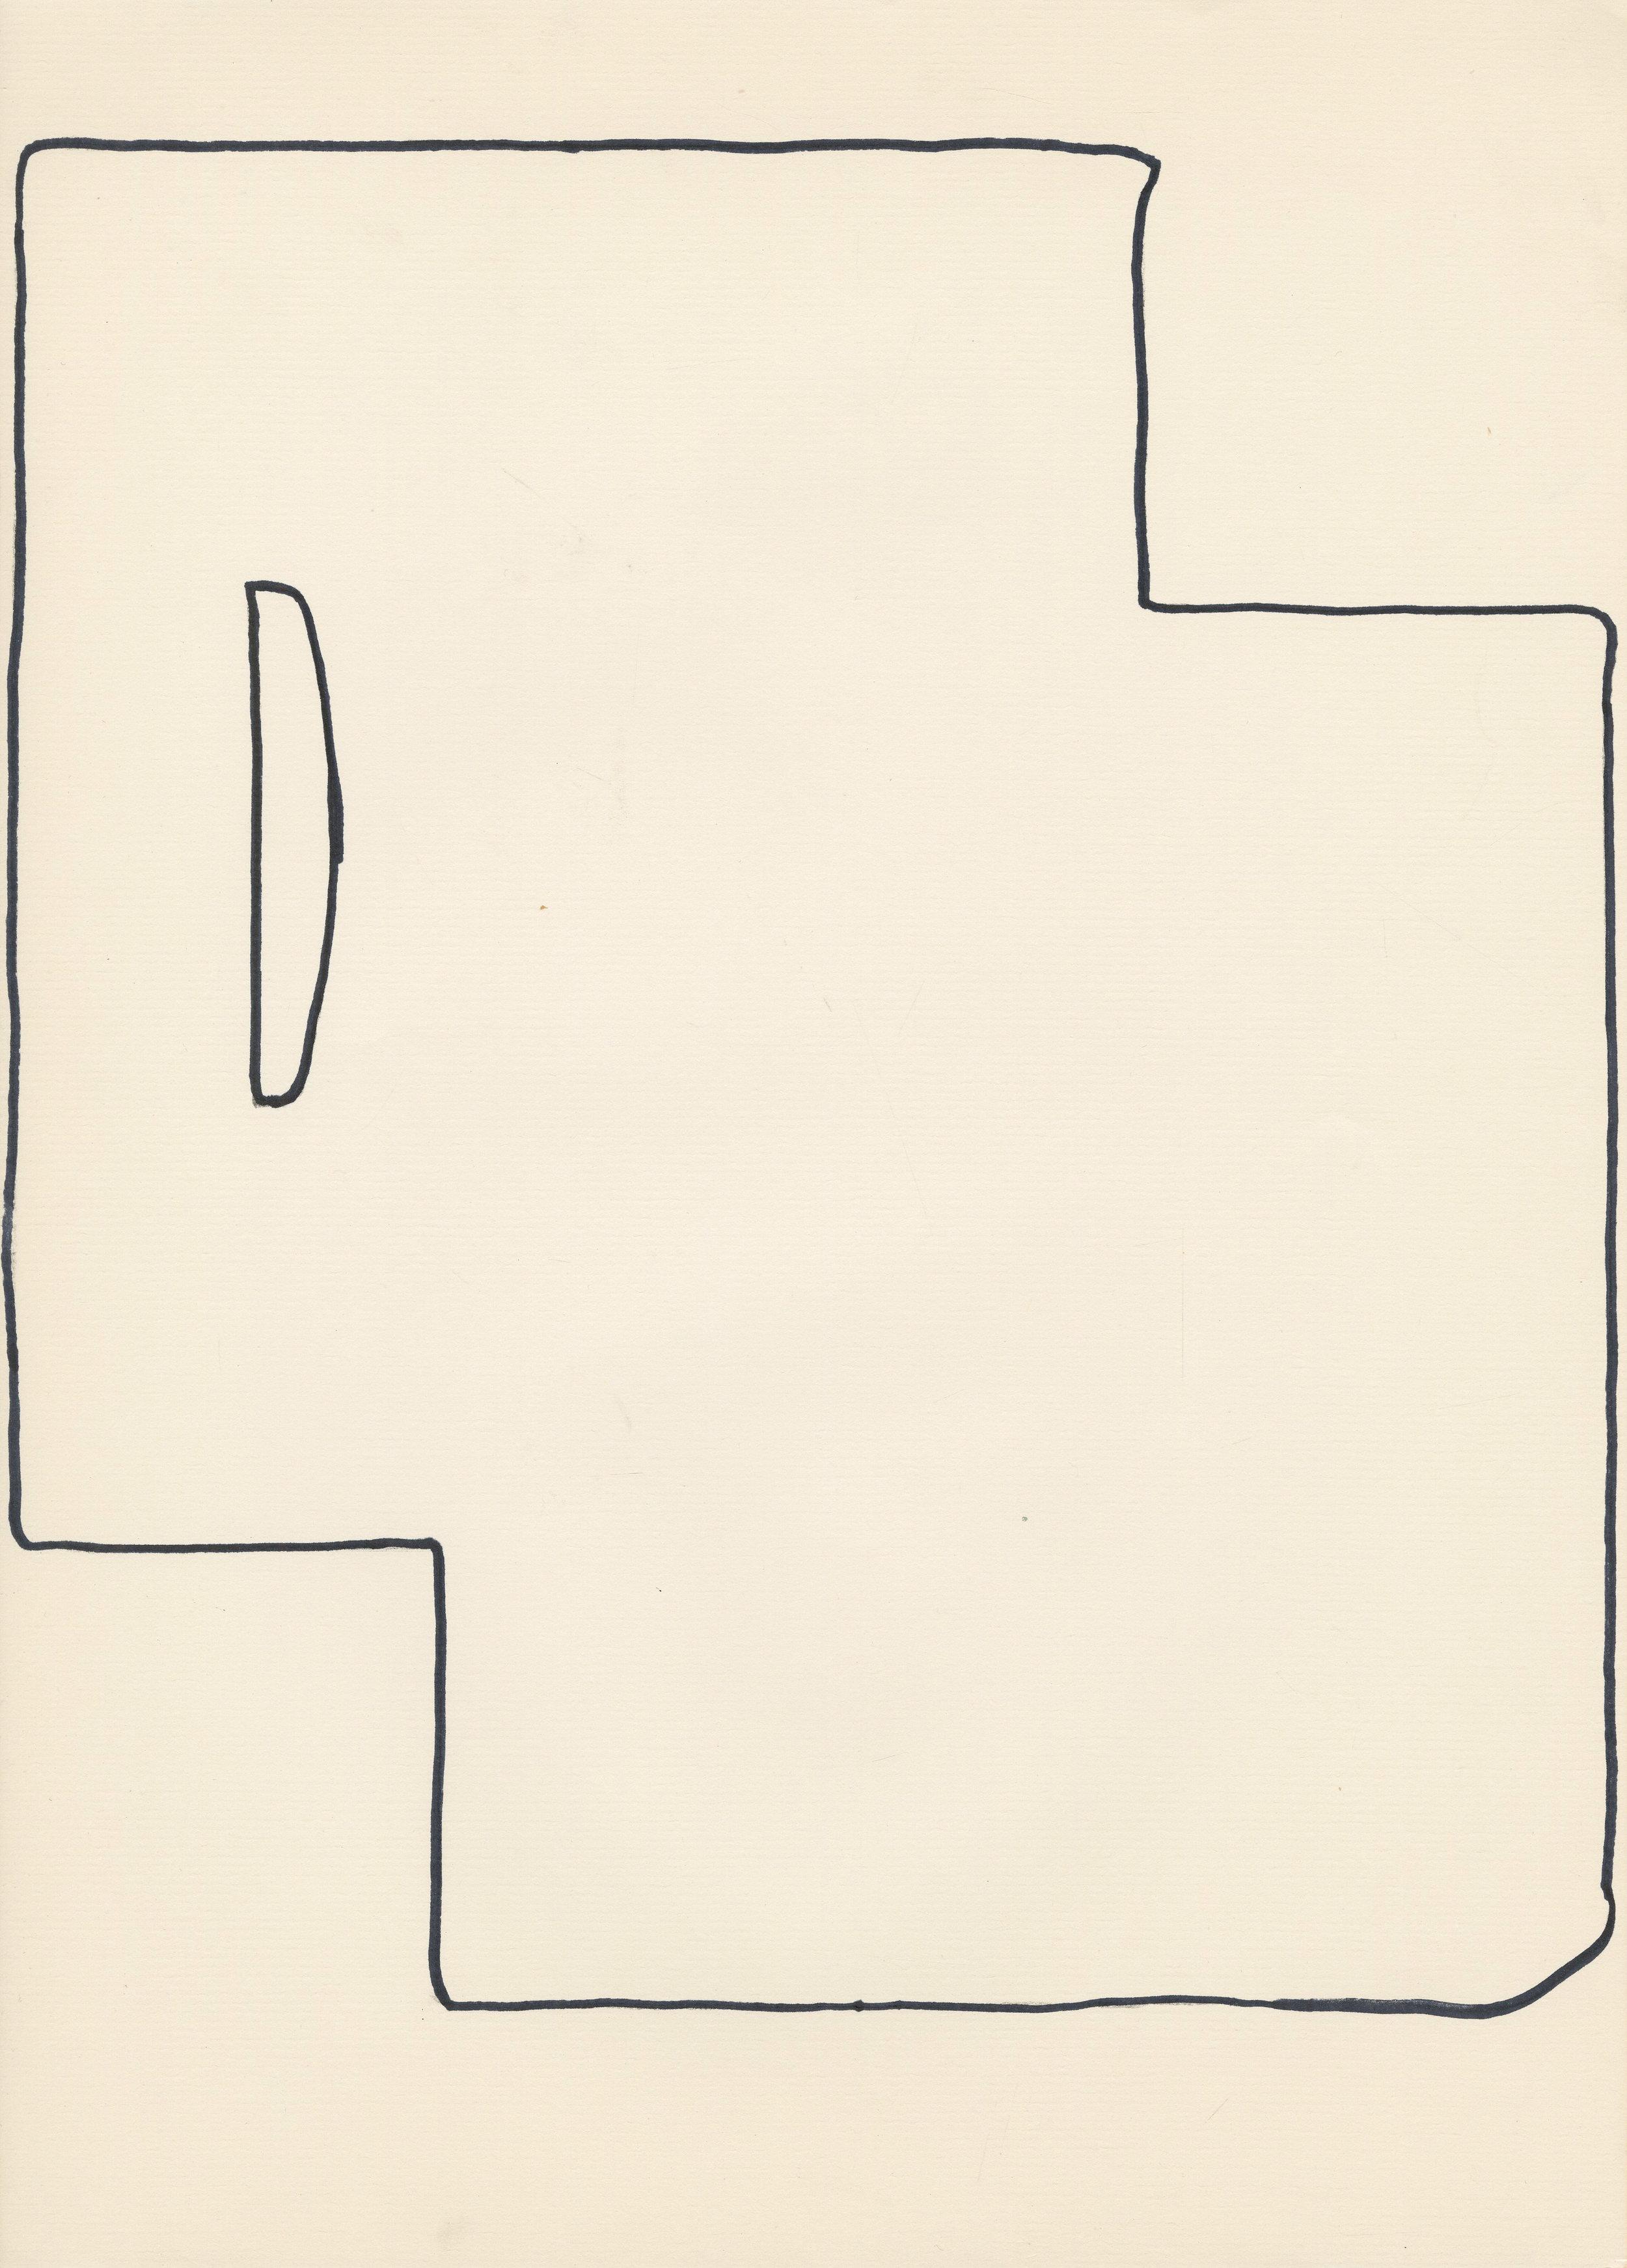 66-1.jpg